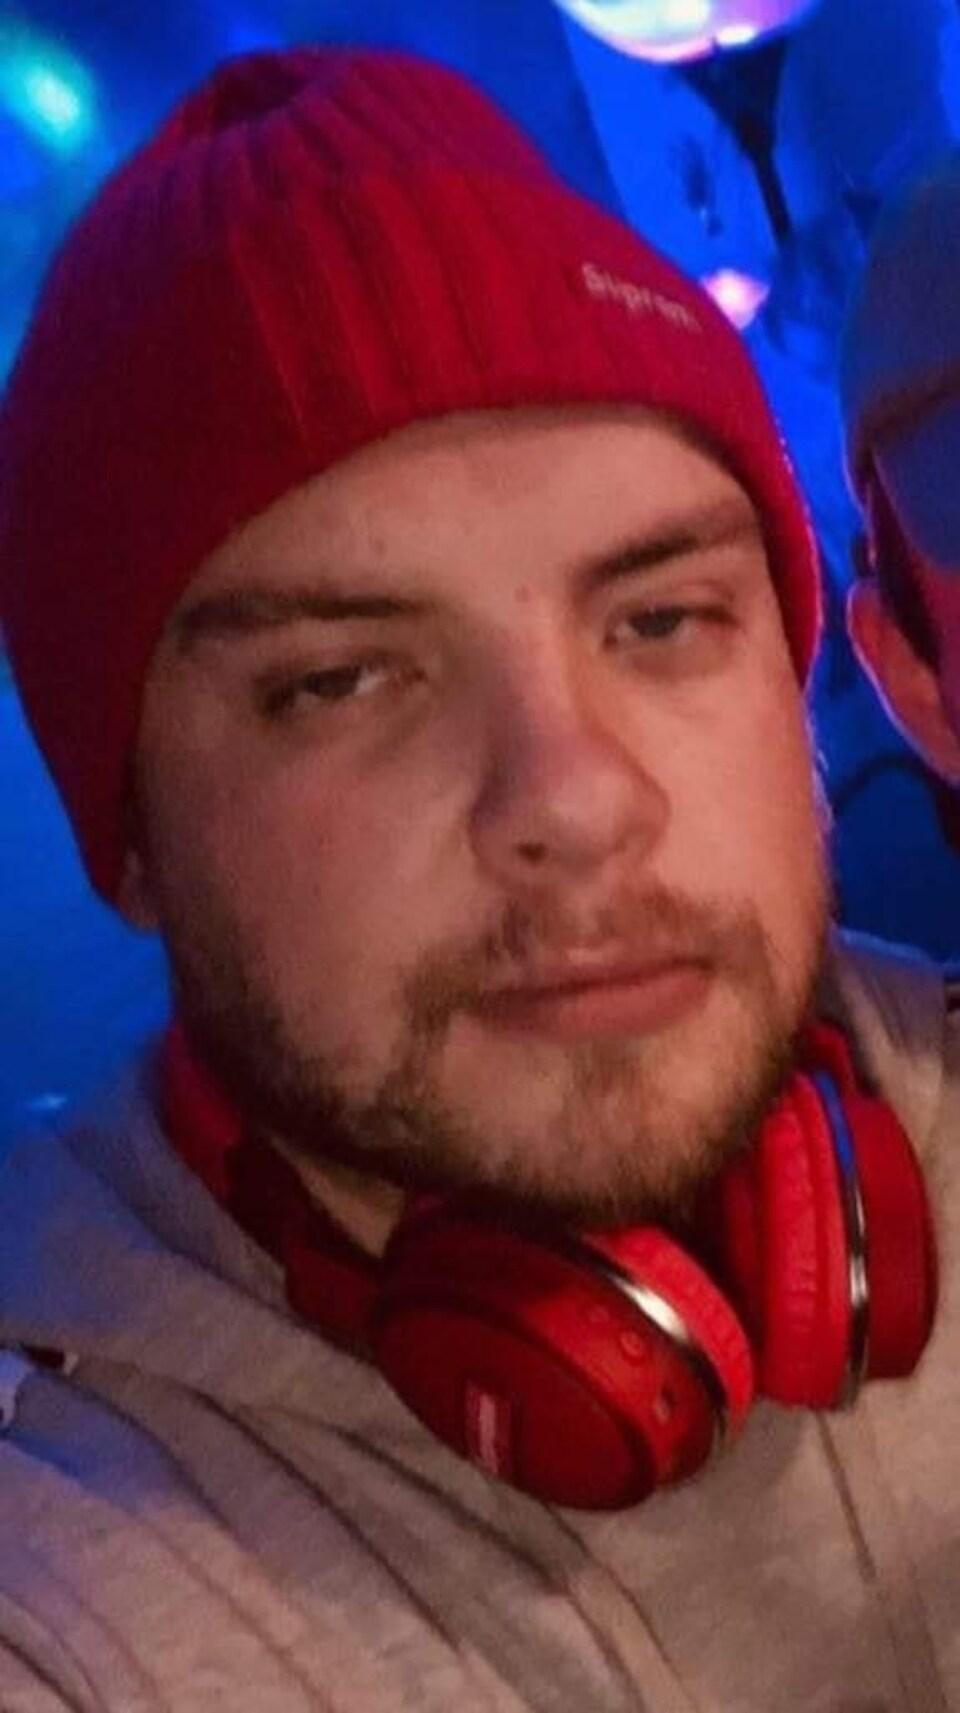 Un homme coiffé d'une tuque rouge et avec un casque d'écoute rouge autour du cou.